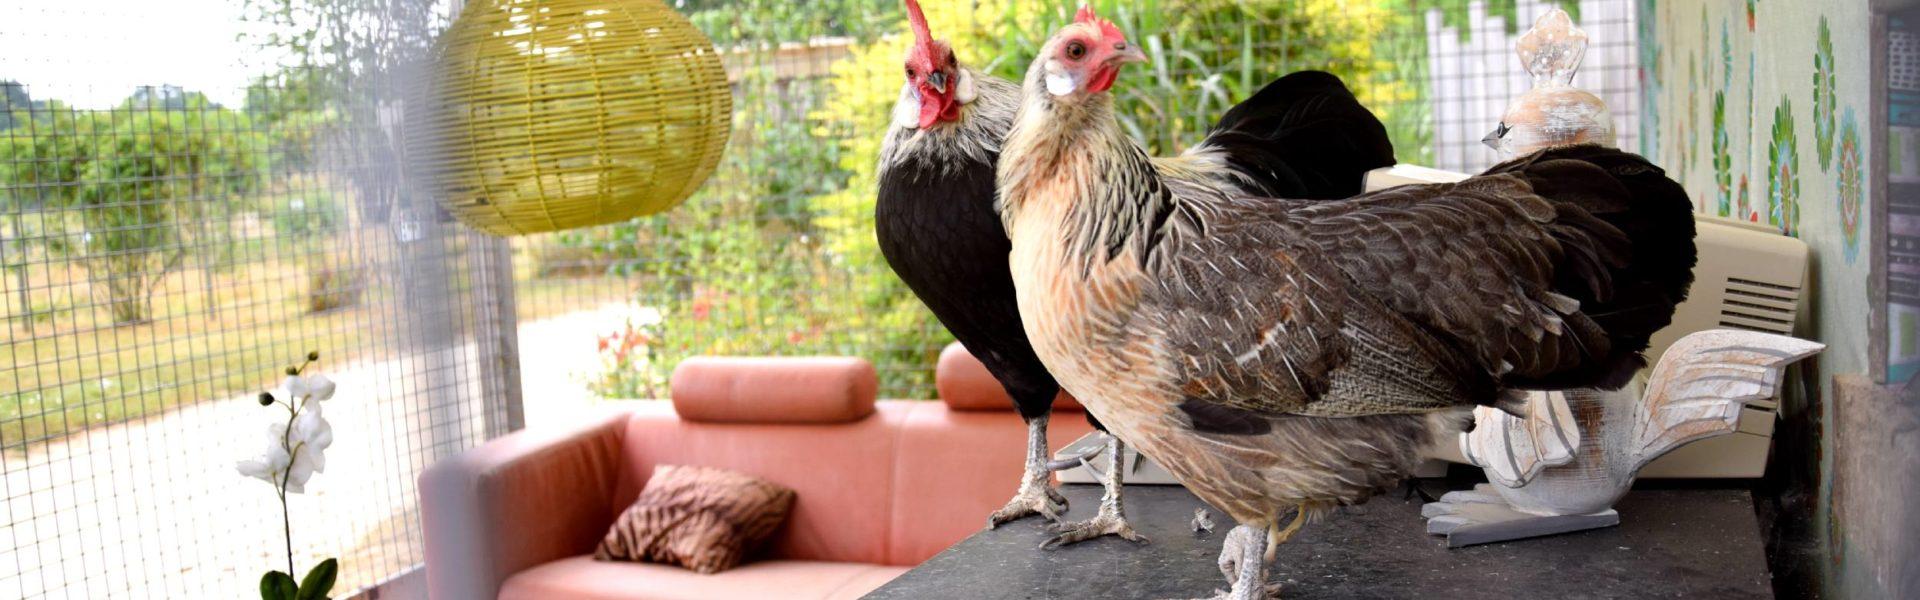 poule phoenix jardins brocéliande